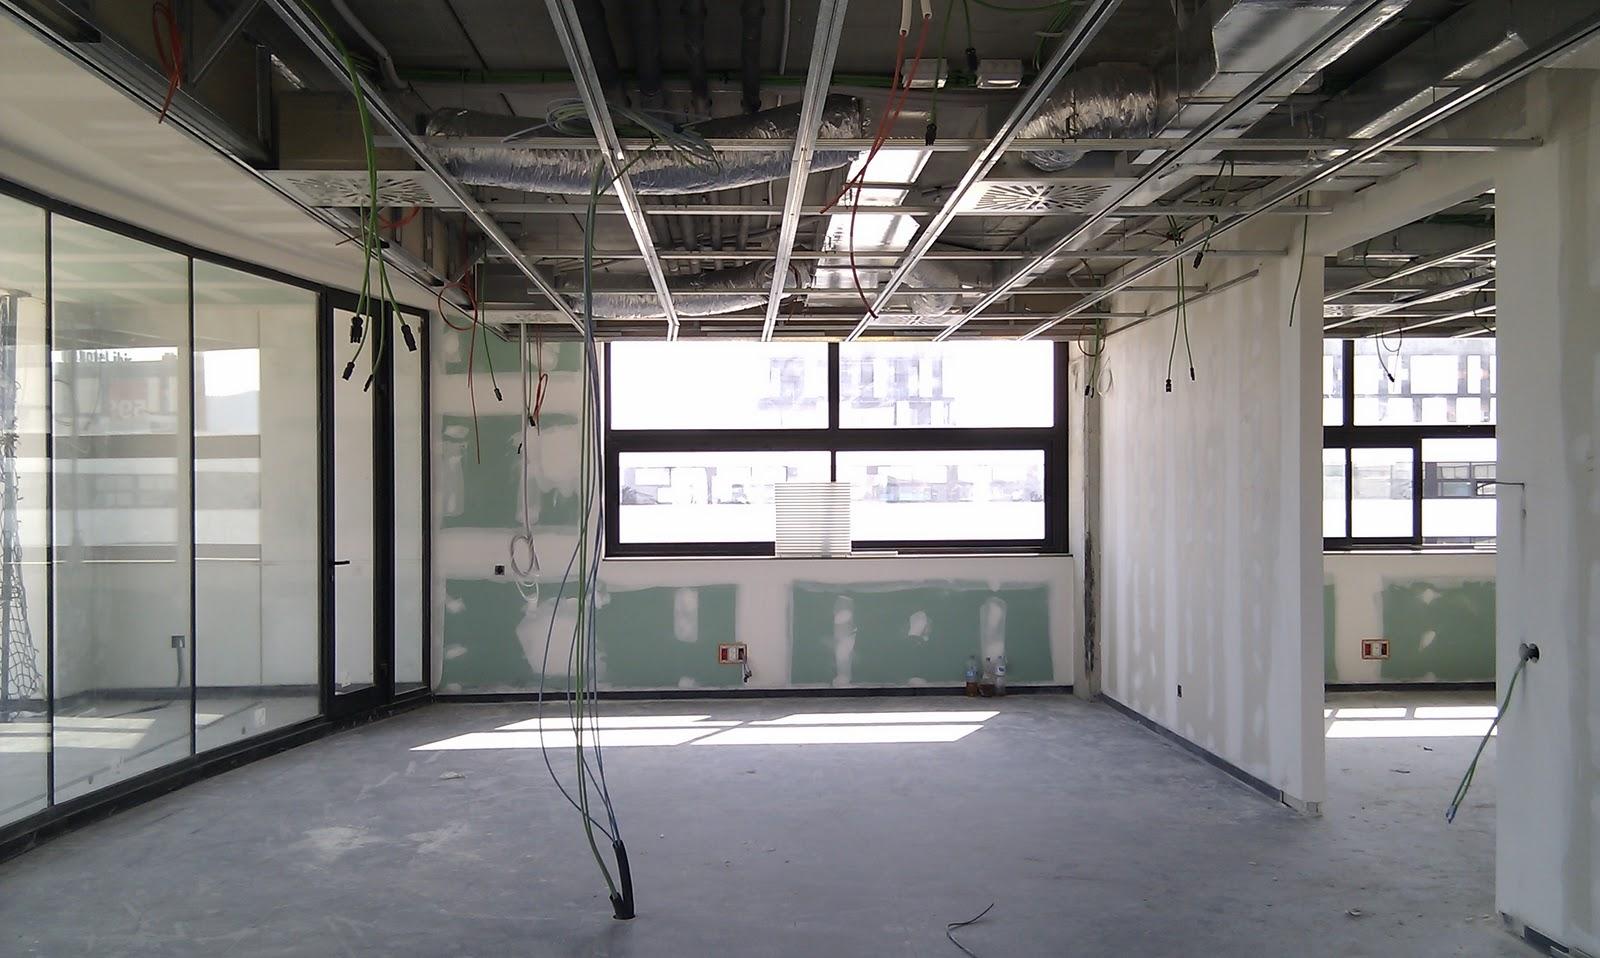 Light and air proyectos obras y dise o sala de juntas for Oficina correos granollers